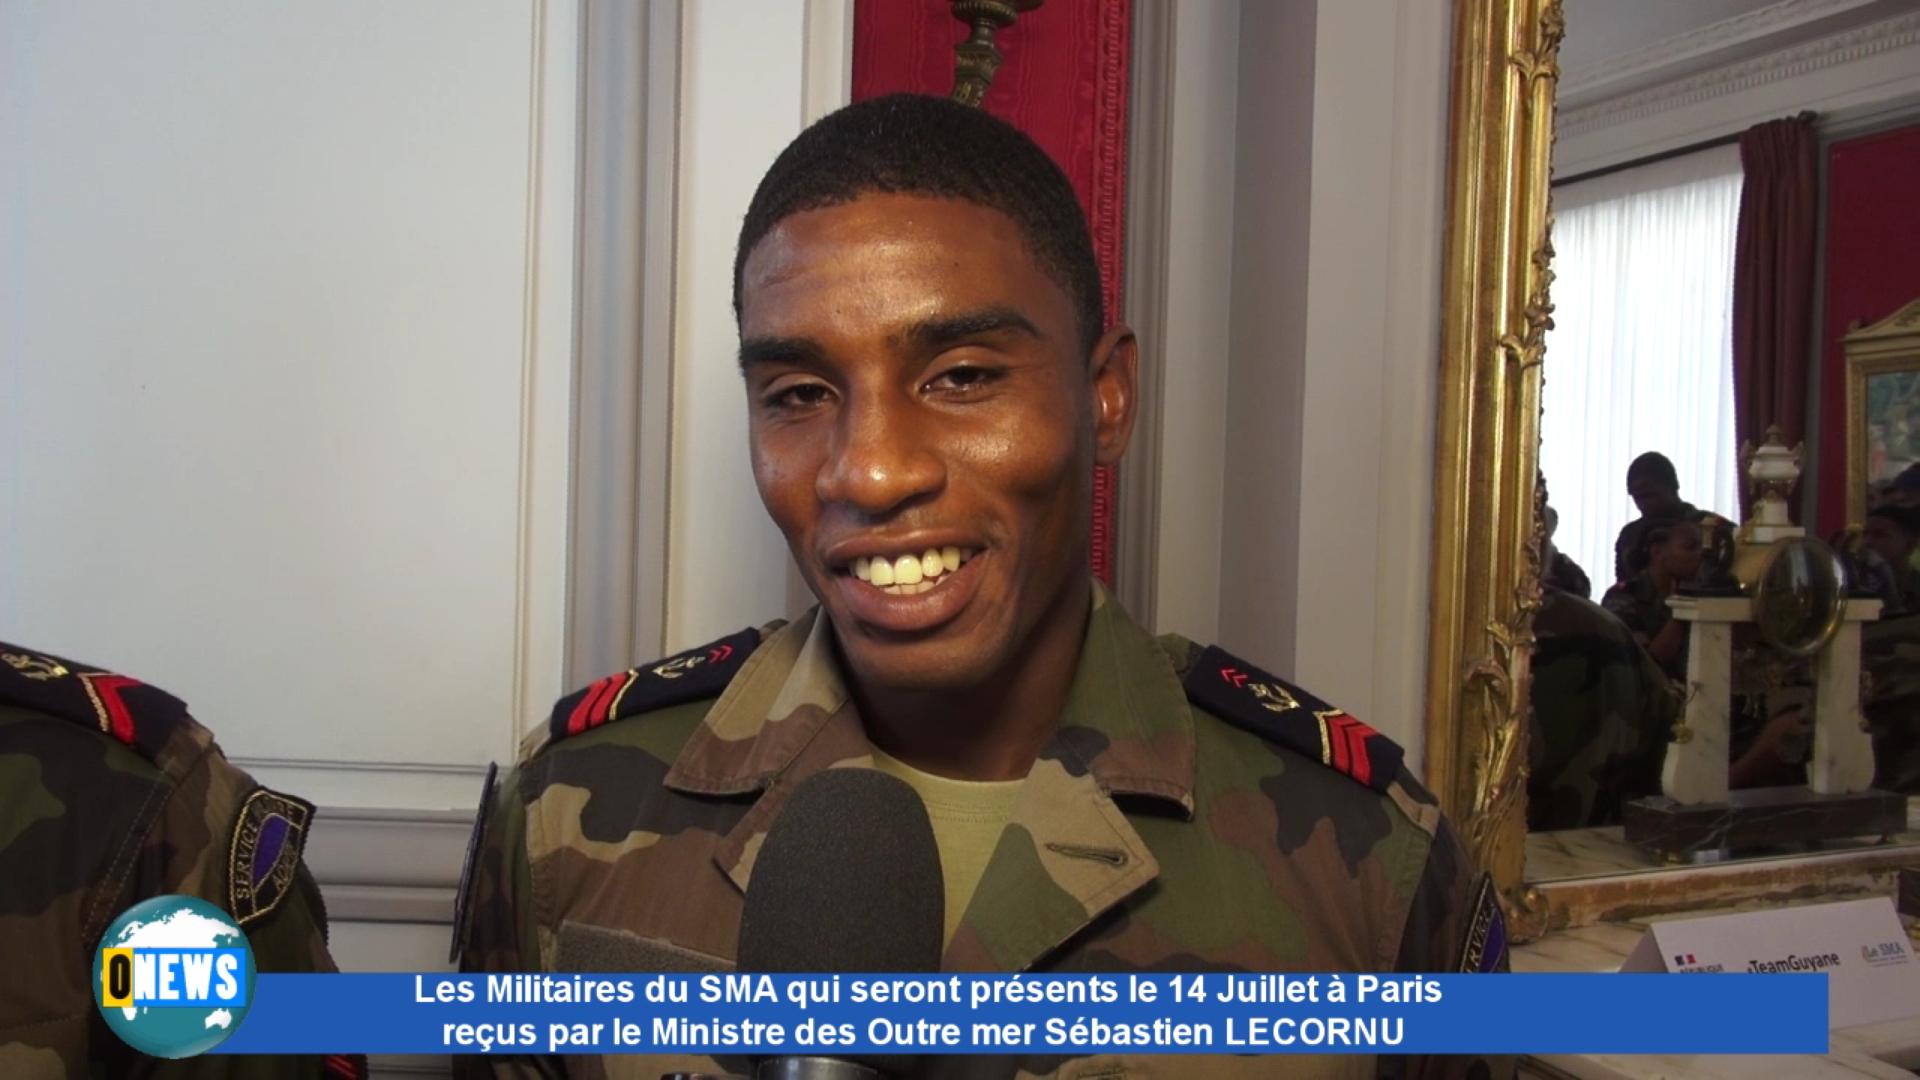 [Vidéo] Onews.Réactions des Militaires du SMA à Paris pour le 14 Juillet au Ministère des Outre mer